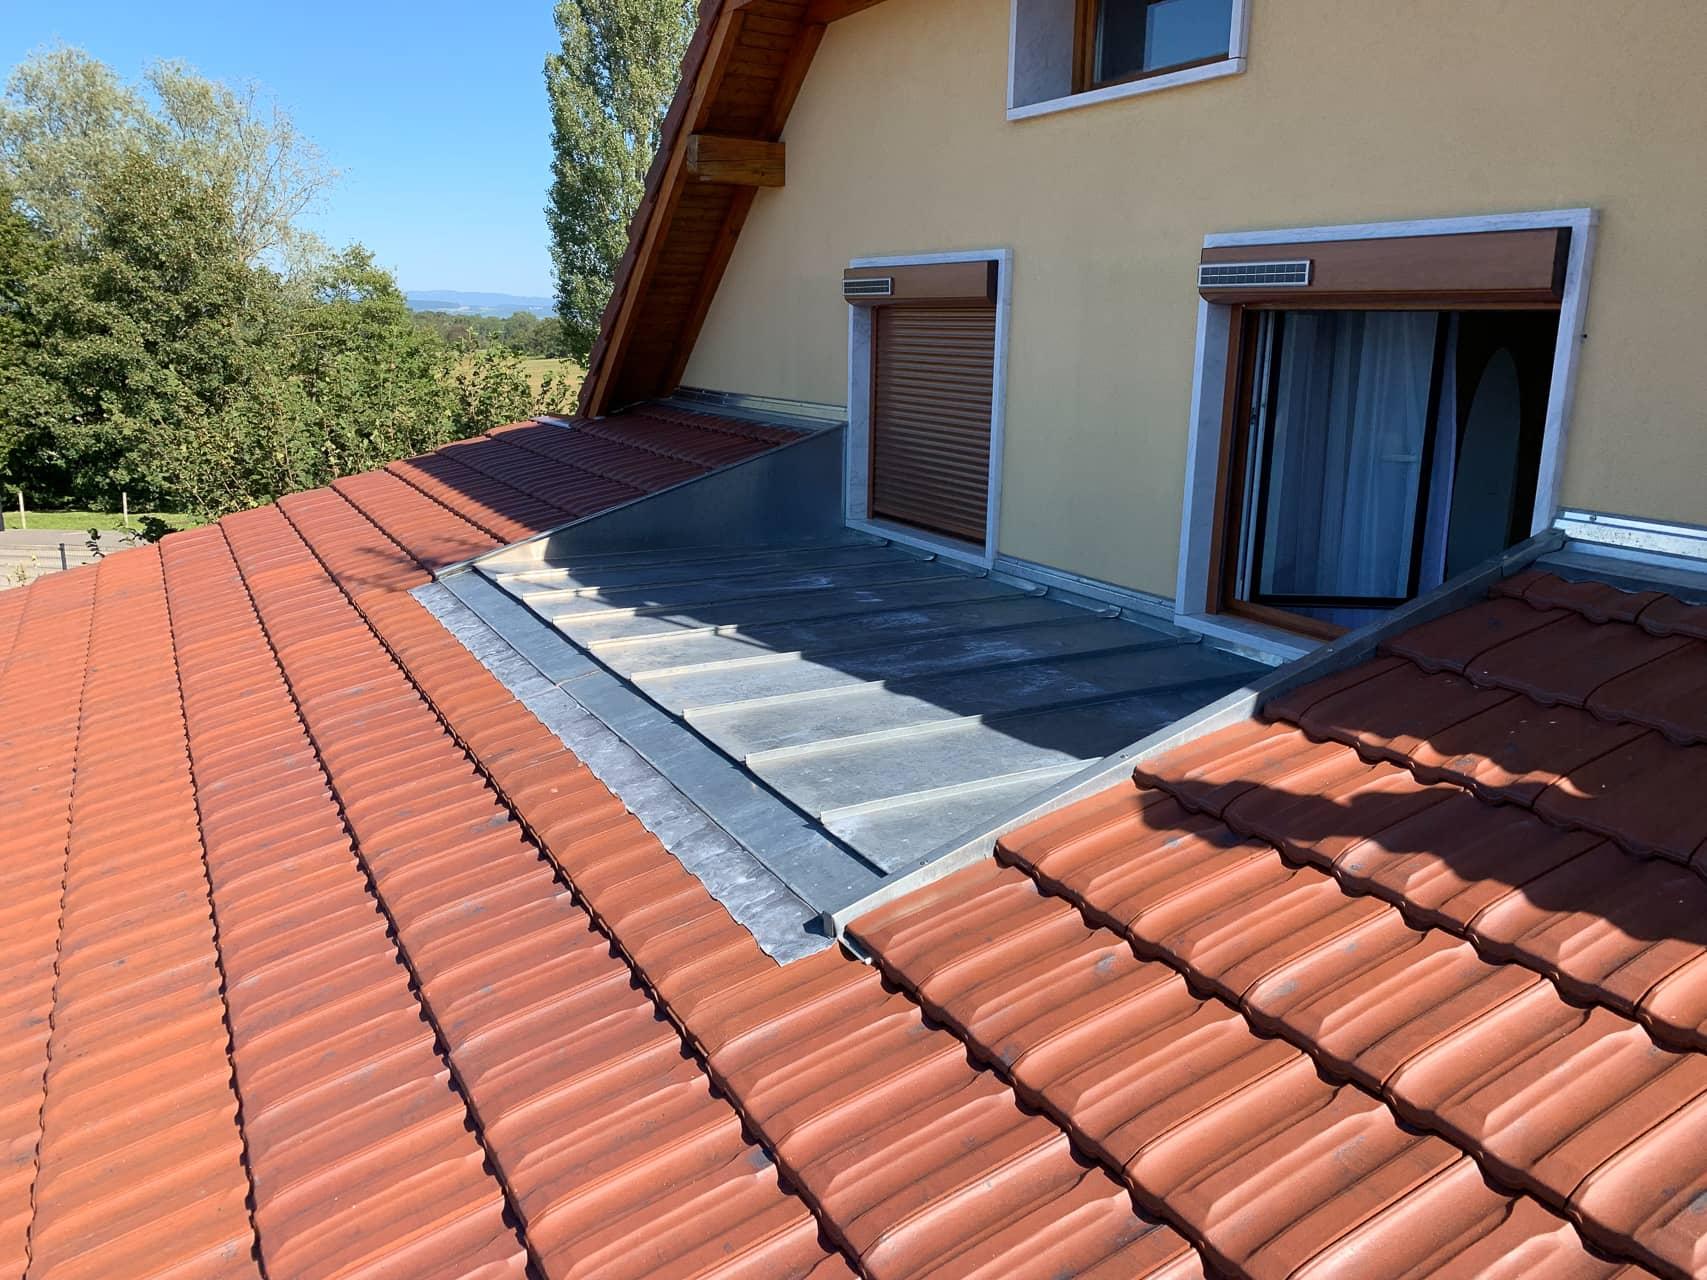 Couverture Zinc Joint Debout - Kleinmann et Fils (10)